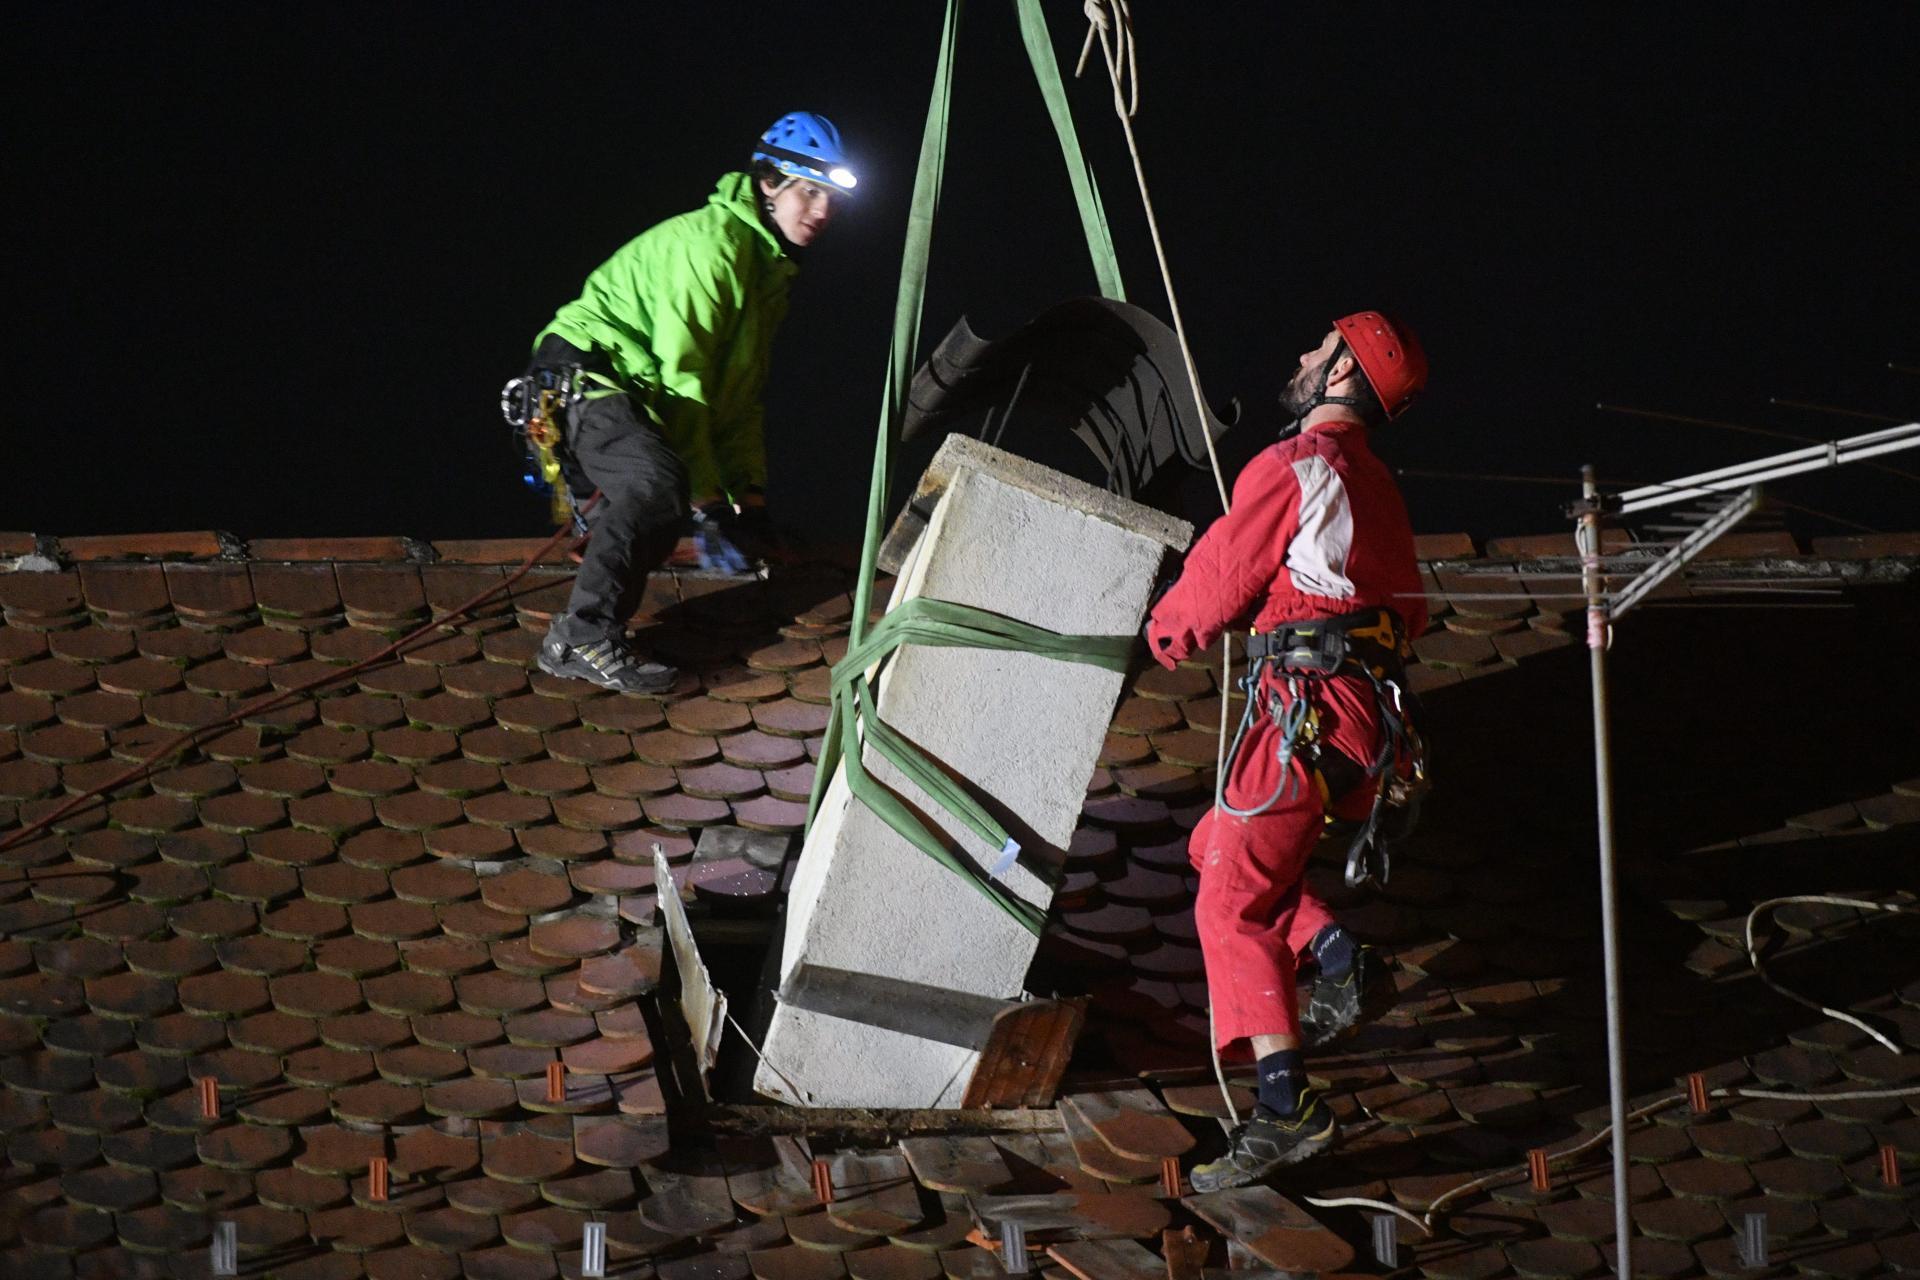 Alpinisták távolítják el a kéményt a tetőről